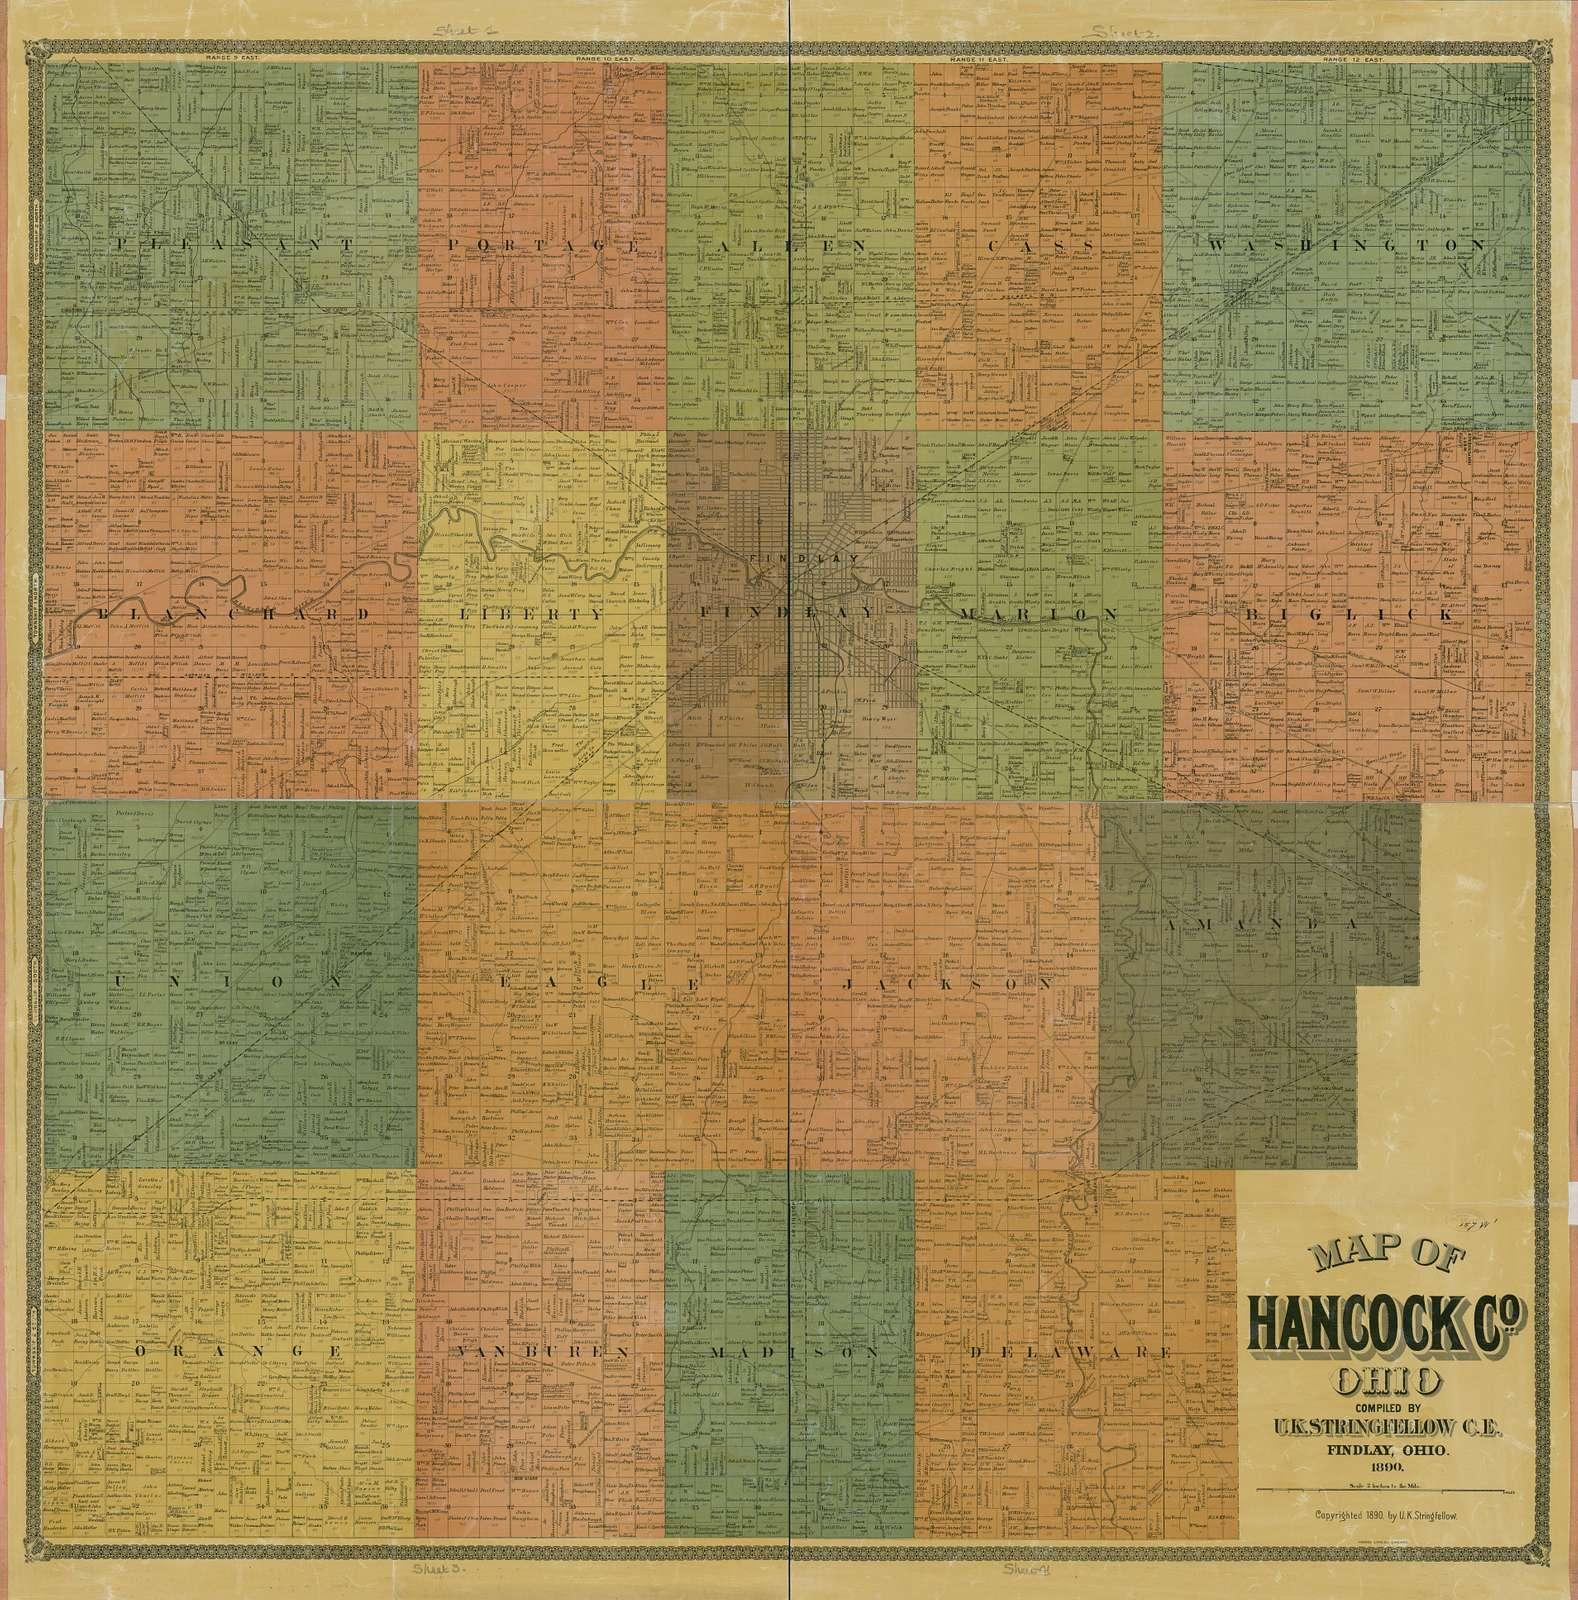 Map of Hancock Co., Ohio /